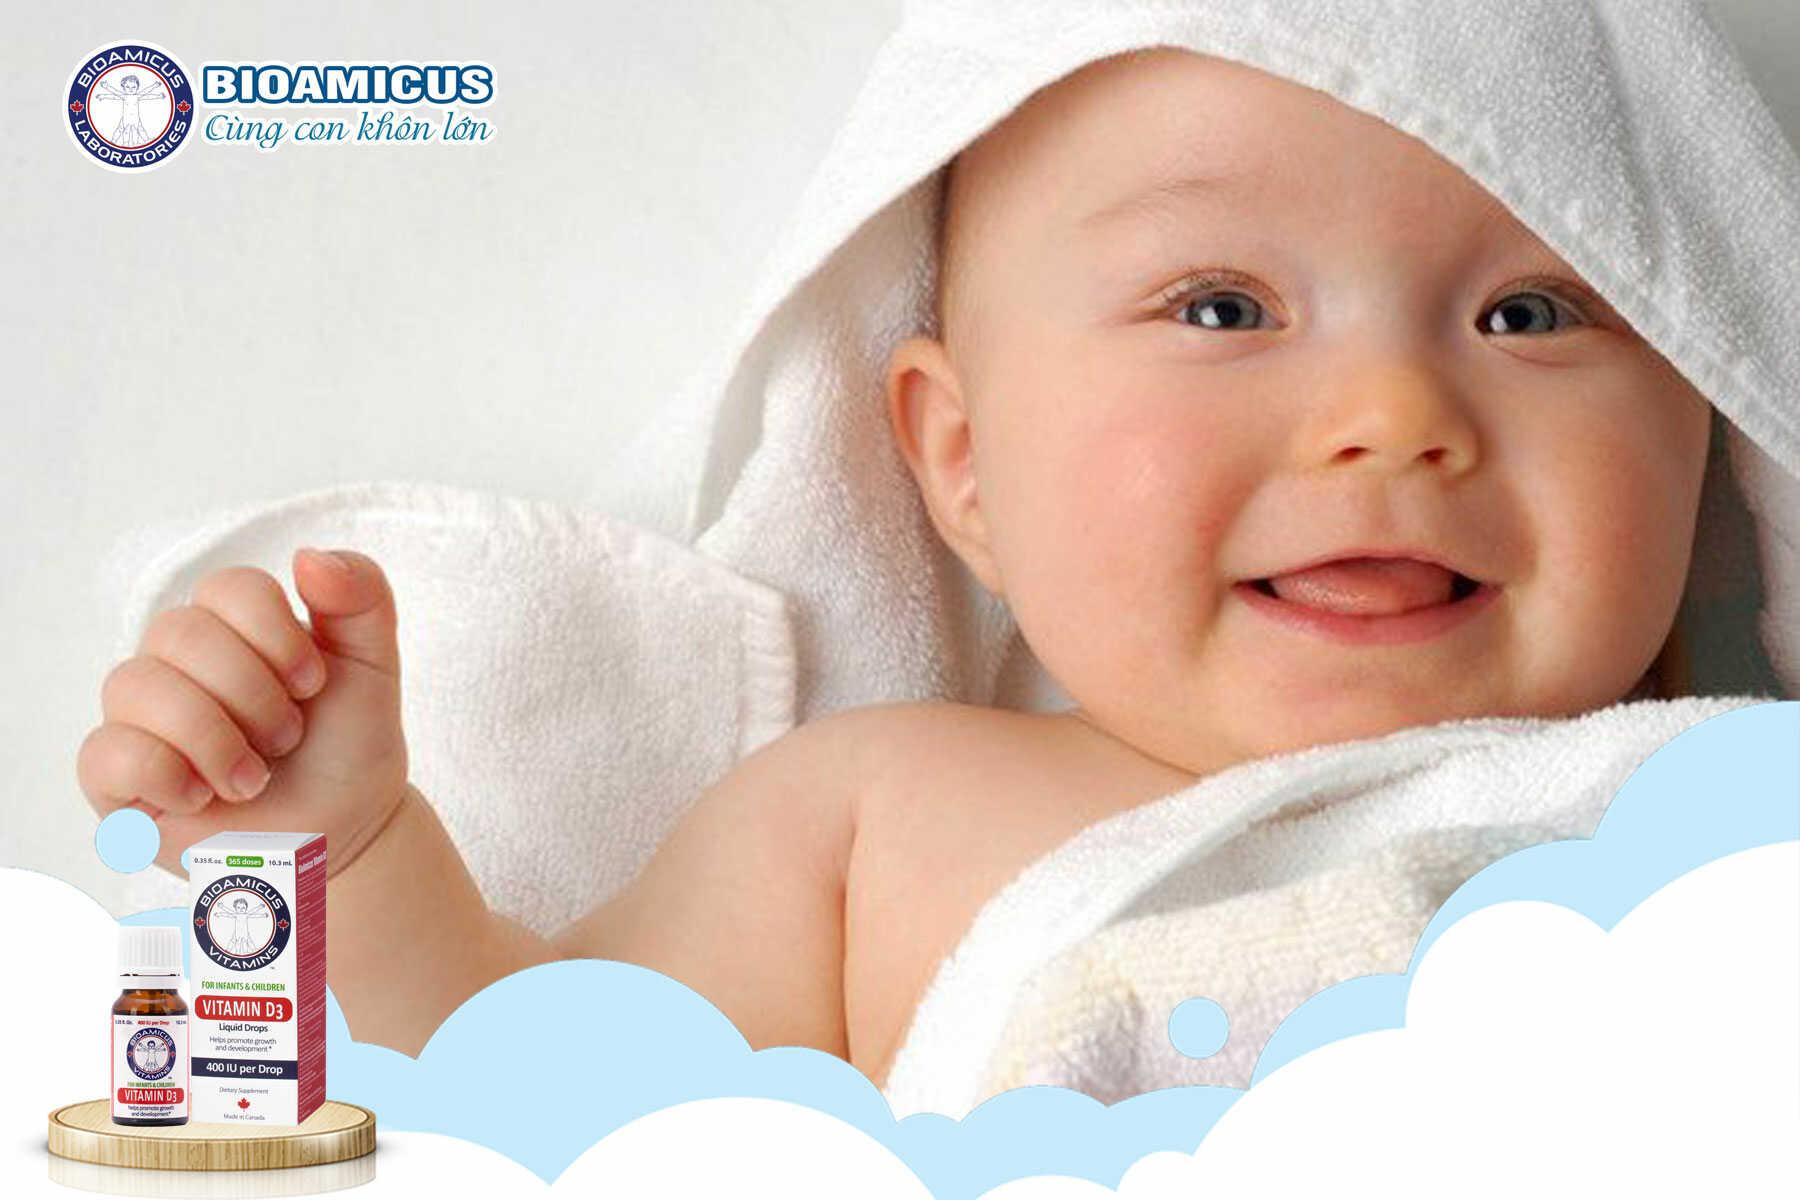 Cách dùng vitamin d3 cho trẻ sơ sinh